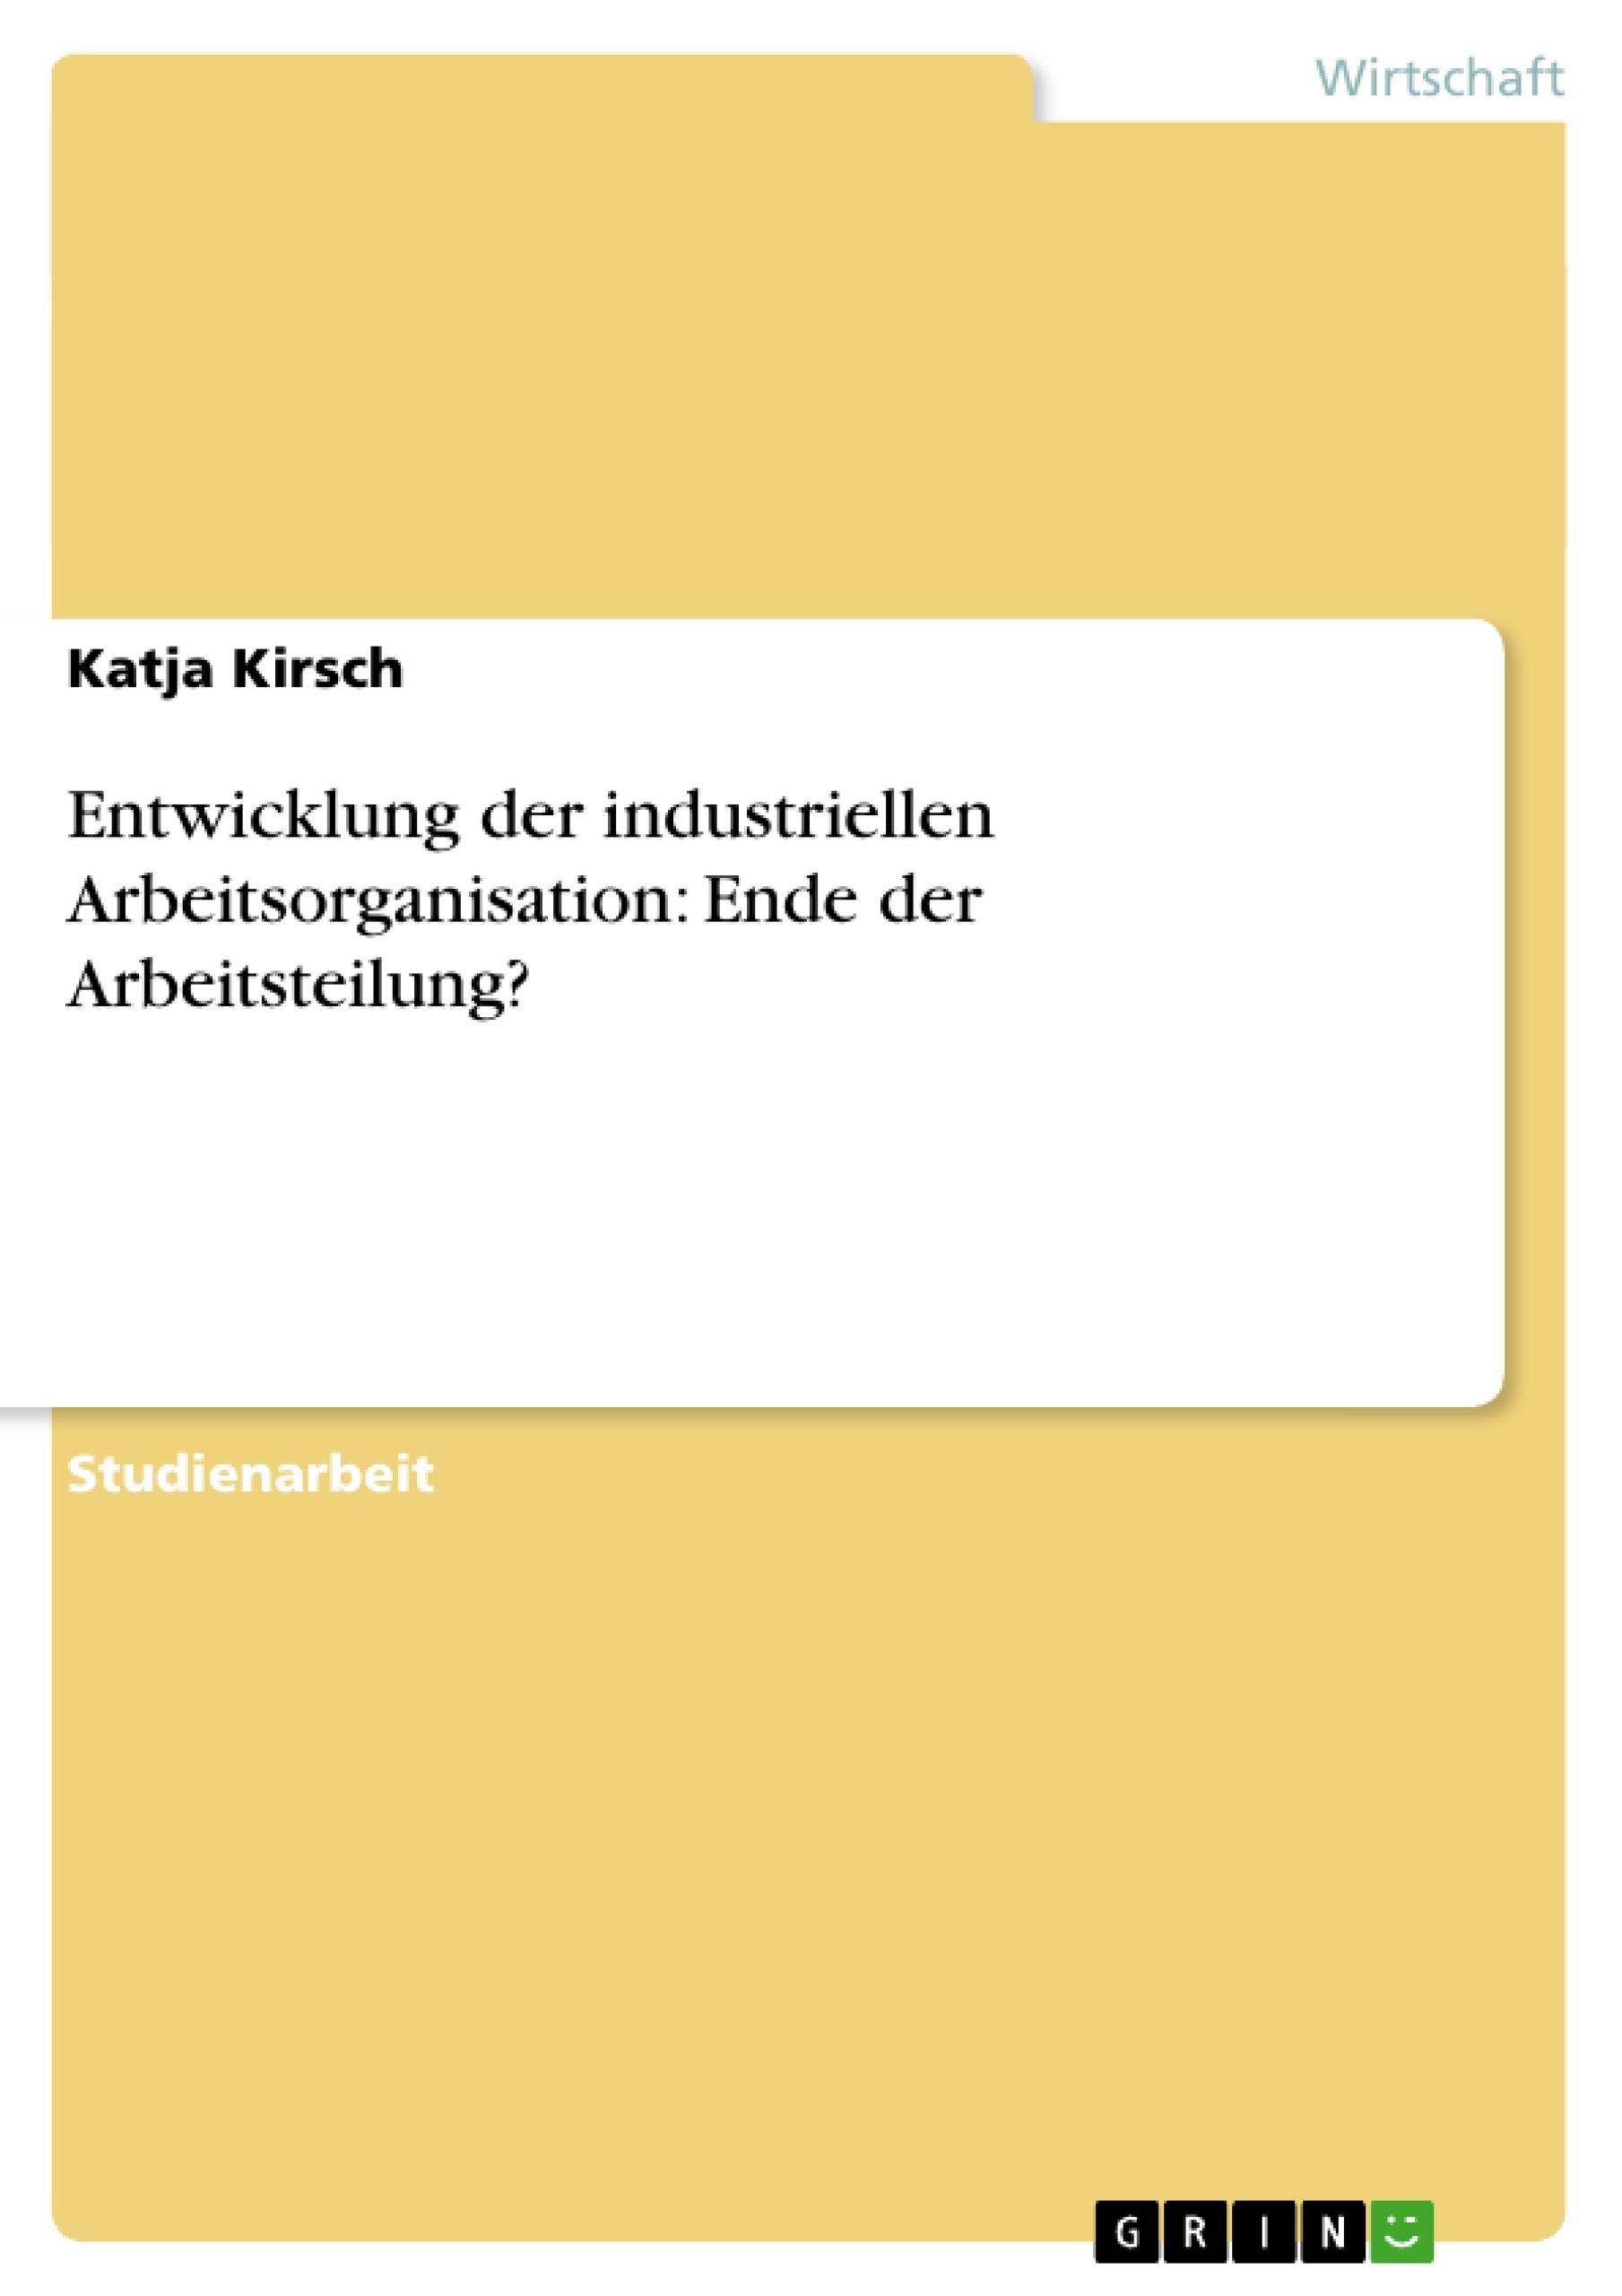 Titel: Entwicklung der industriellen Arbeitsorganisation: Ende der Arbeitsteilung?